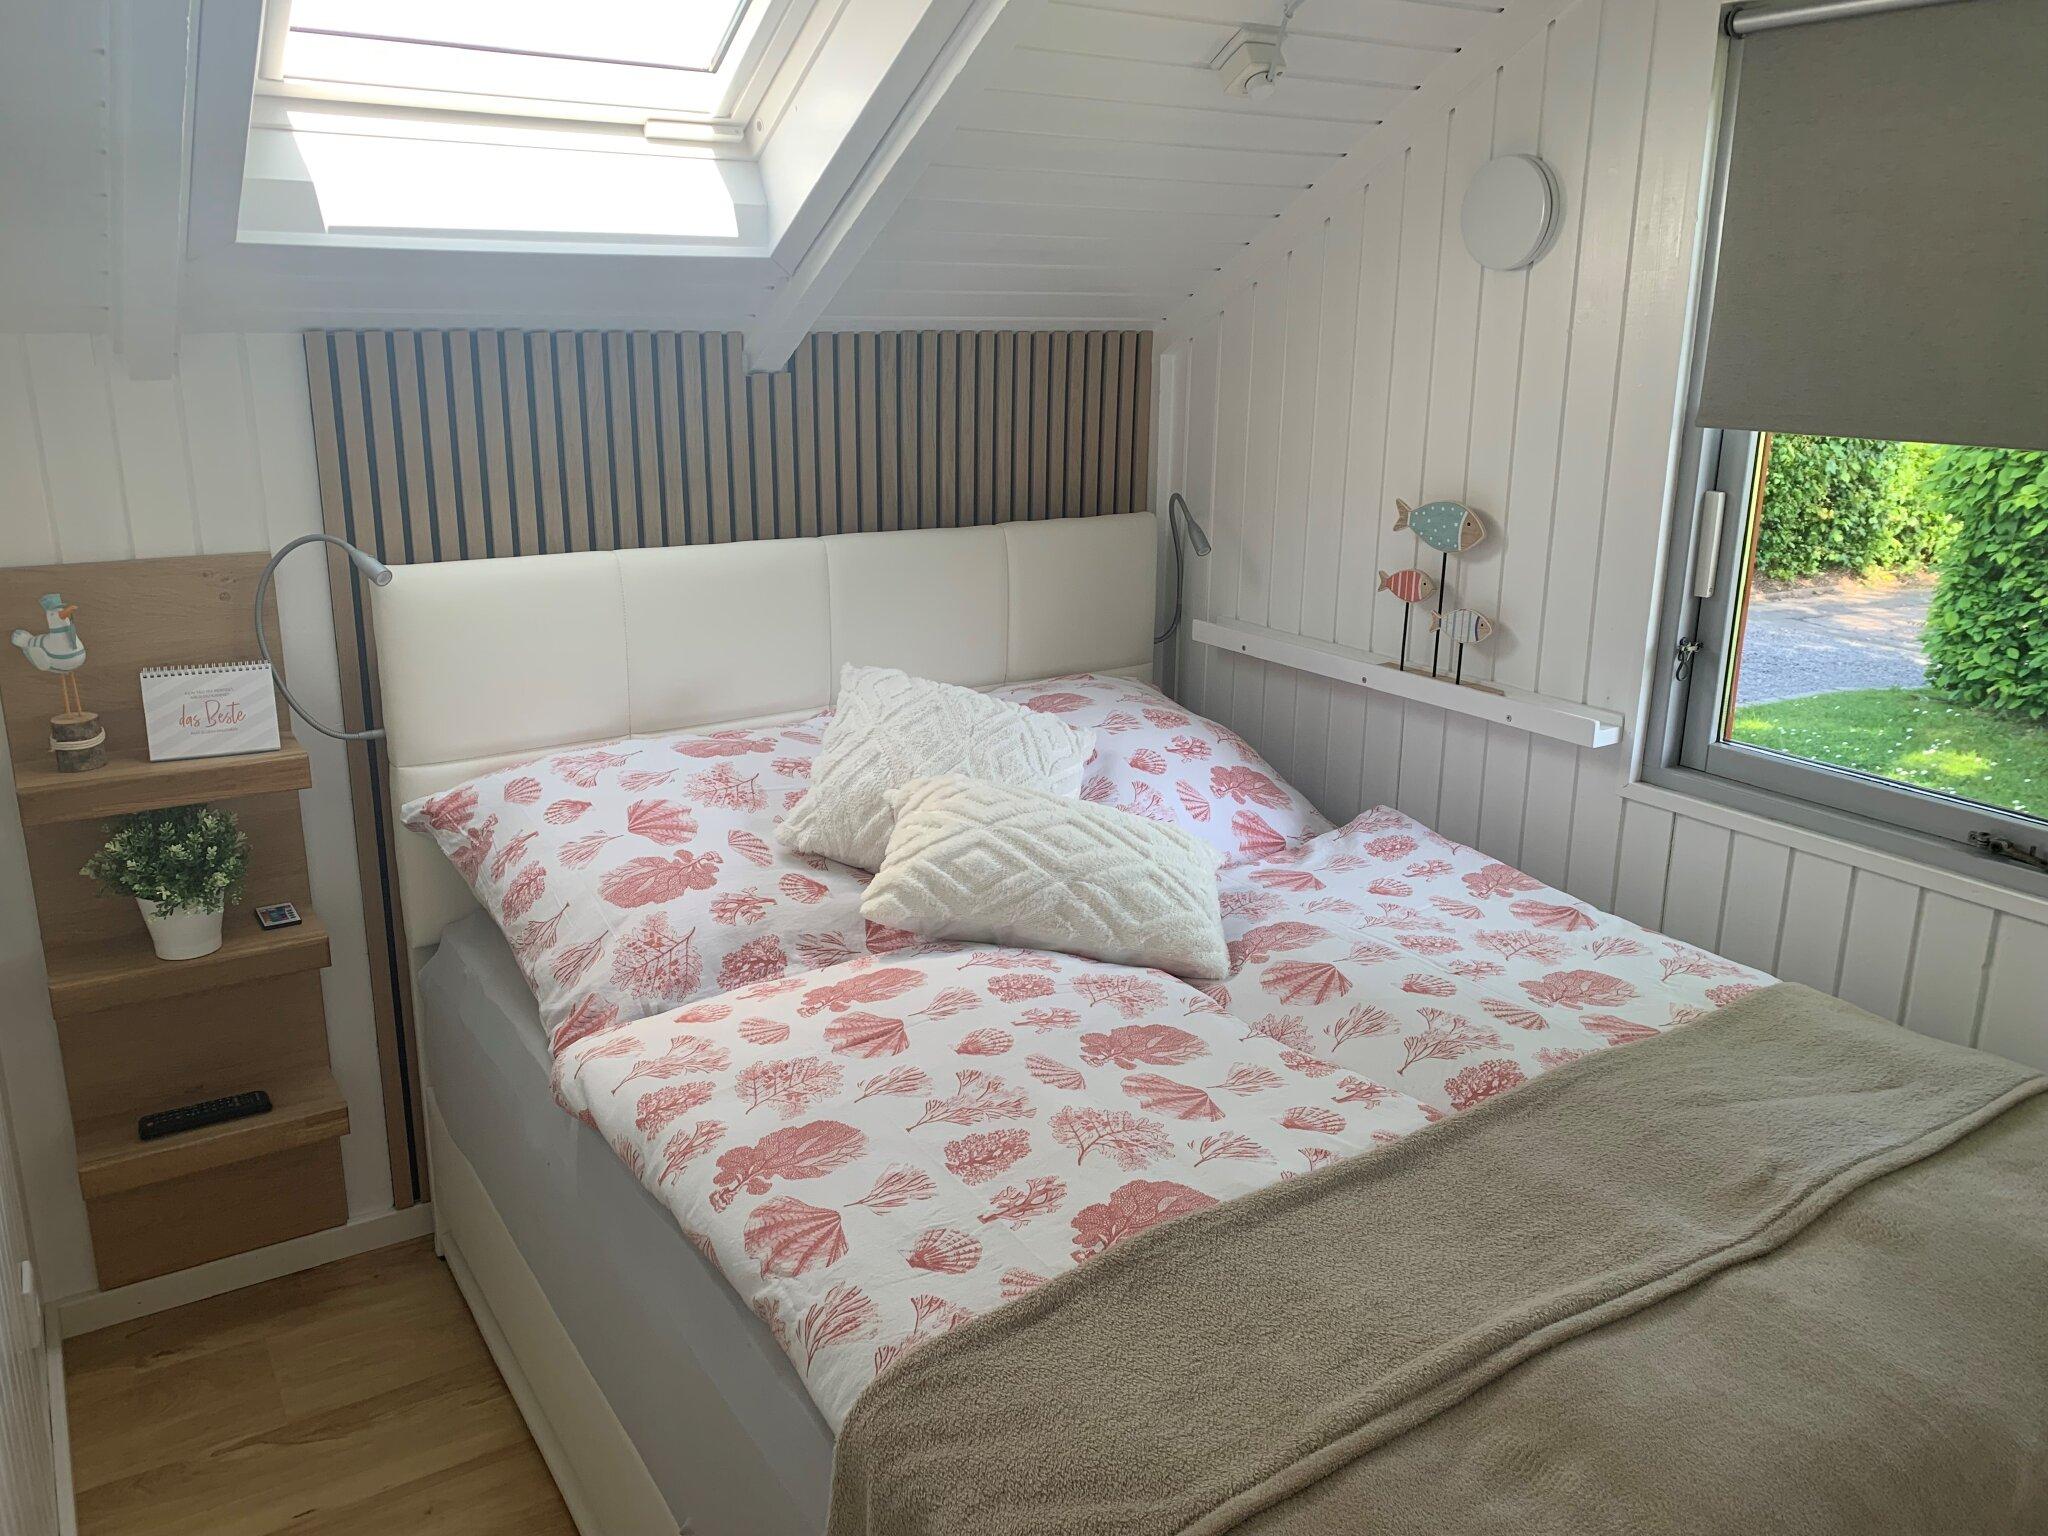 Schlafzimmer mit franz. Bett & Schrank.